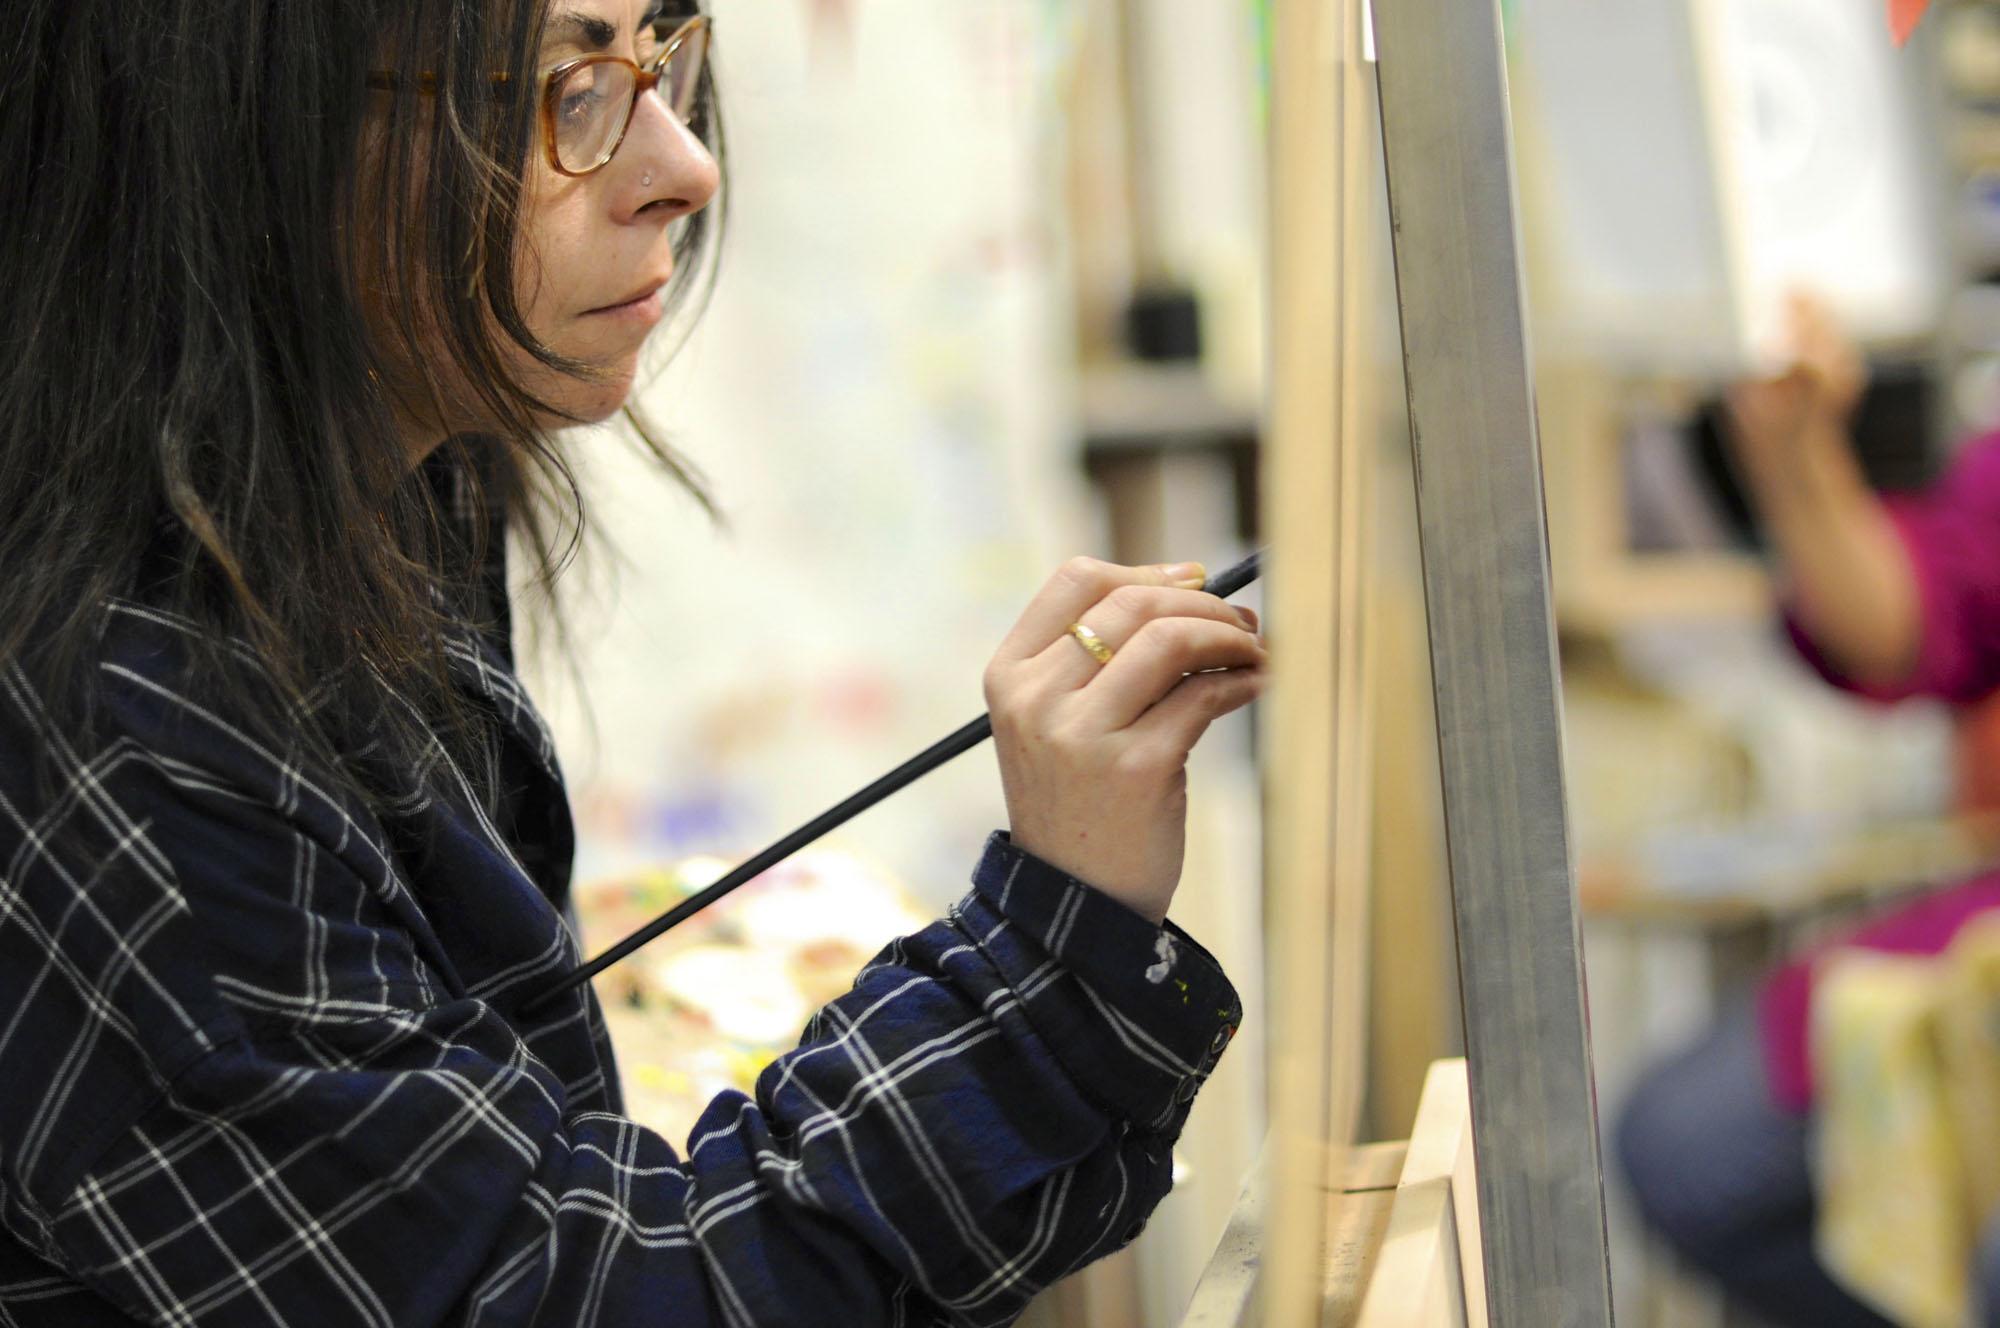 Dibujo y pintura Salamanca, Talleres, cursos y workshops de dibujo, pintura, foto, video Campamentos de verano niños, urban camp, little artists cursos de fotografía para iniciados curso de fotografía Salamanca